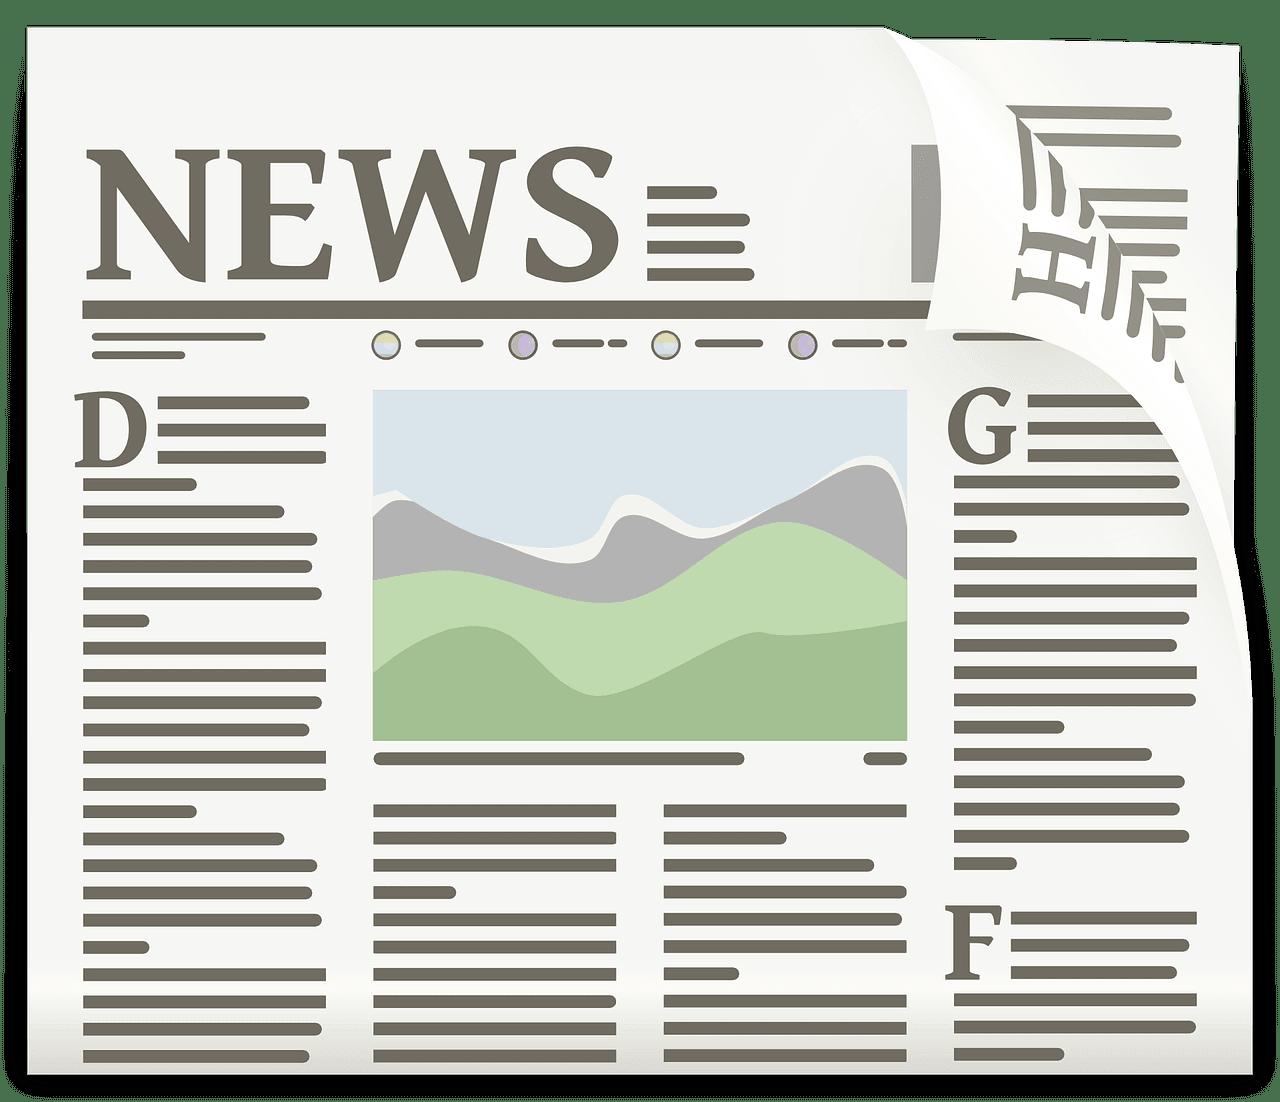 अपने Blog के लिए SEO friendly Article कैसे लिखे